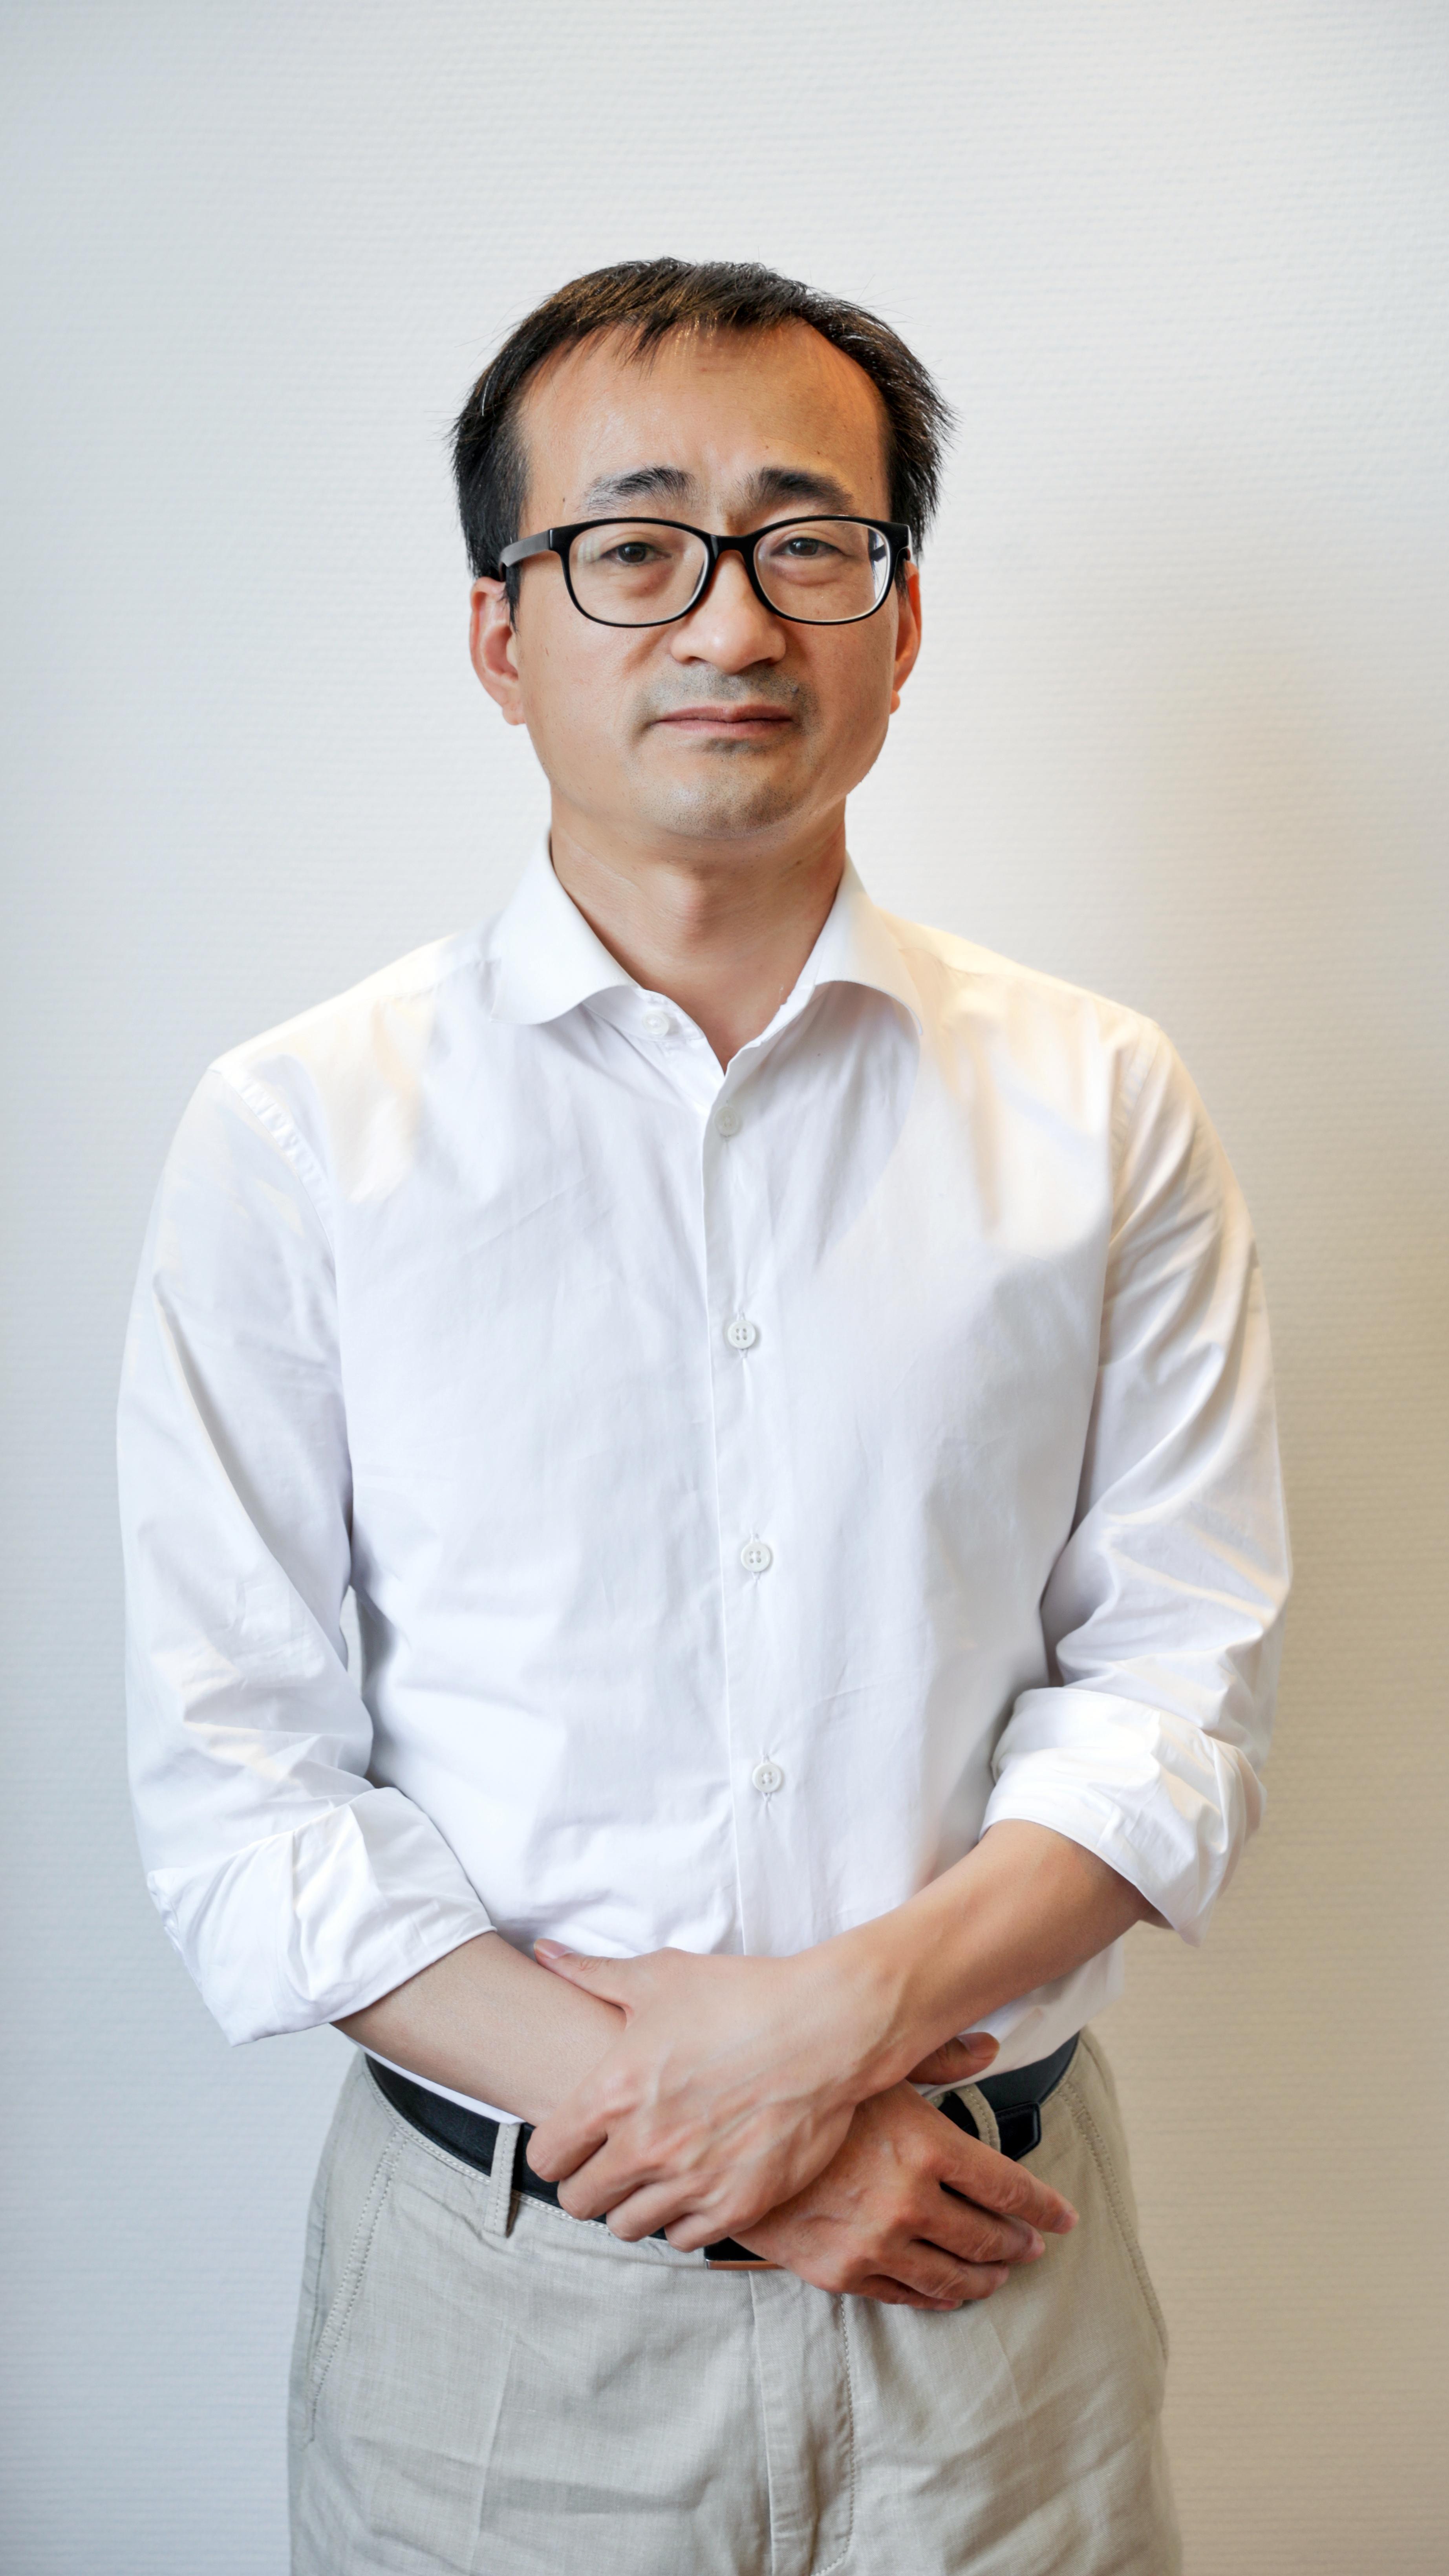 """【allcoin】_经济学家刘元春:地方可据实际调整经济增速目标,不应""""齐步走"""""""